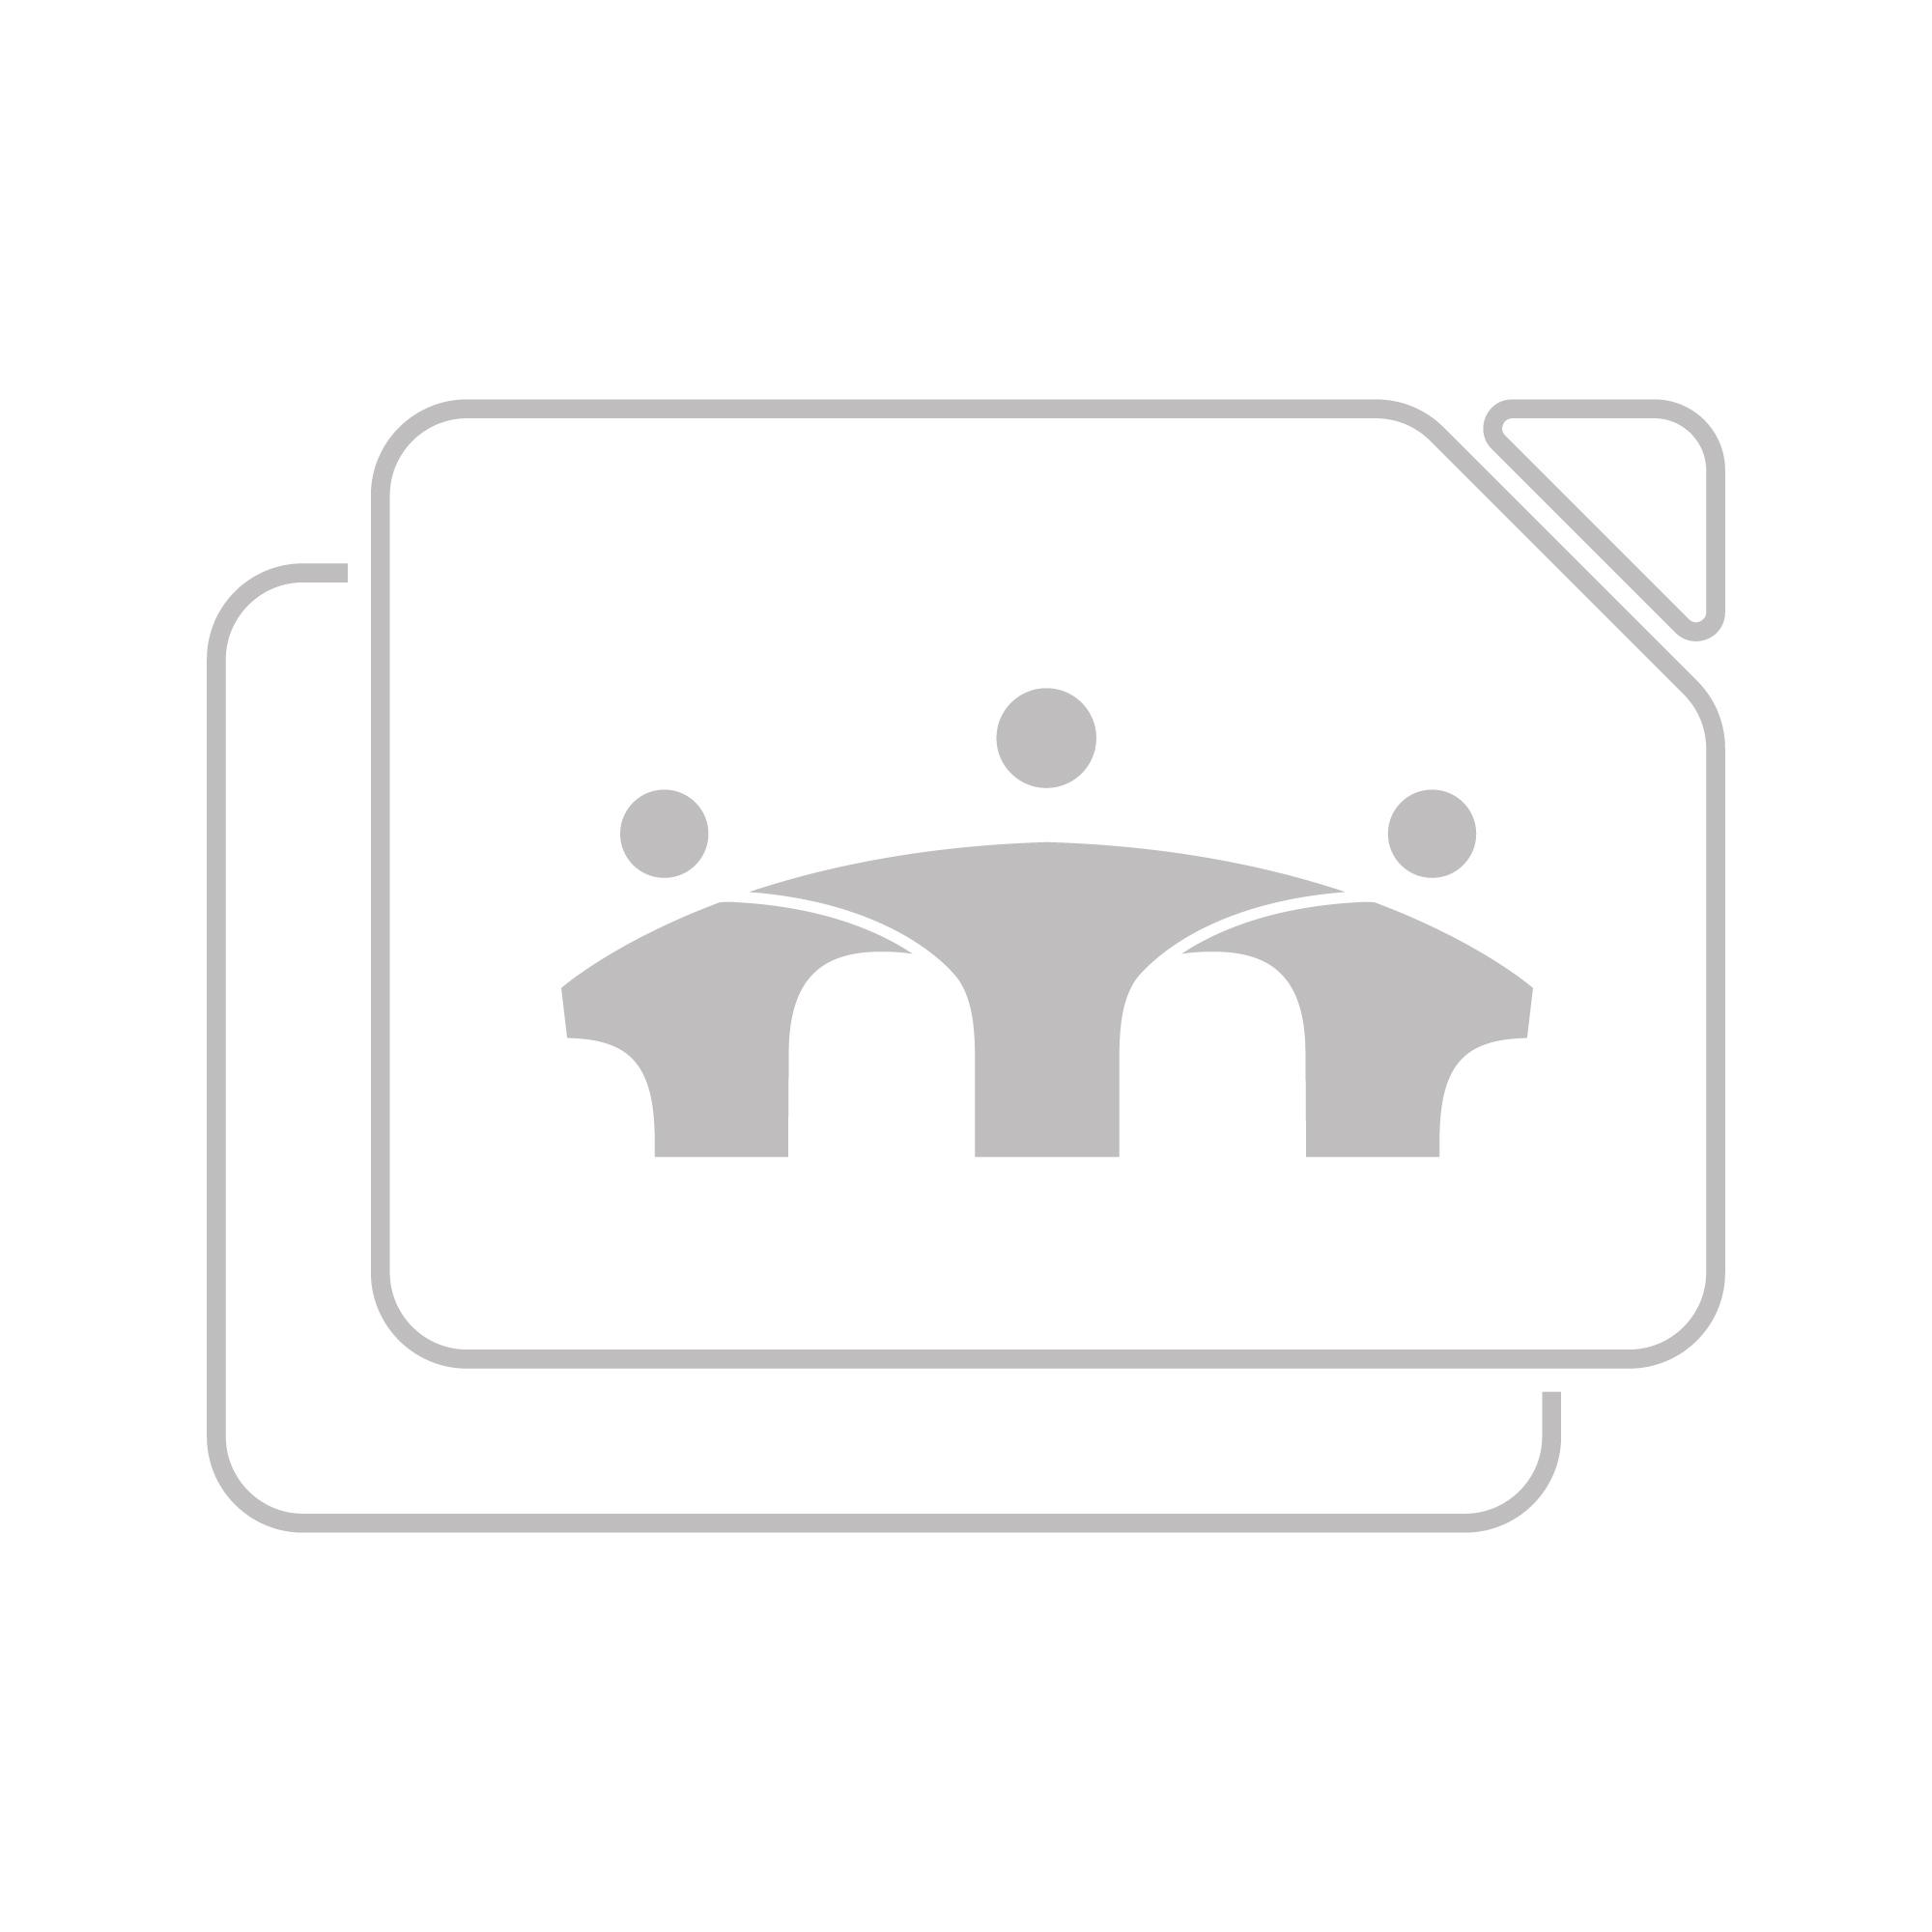 SanDisk Extreme Pro SDHC UHS-II 32GB V90